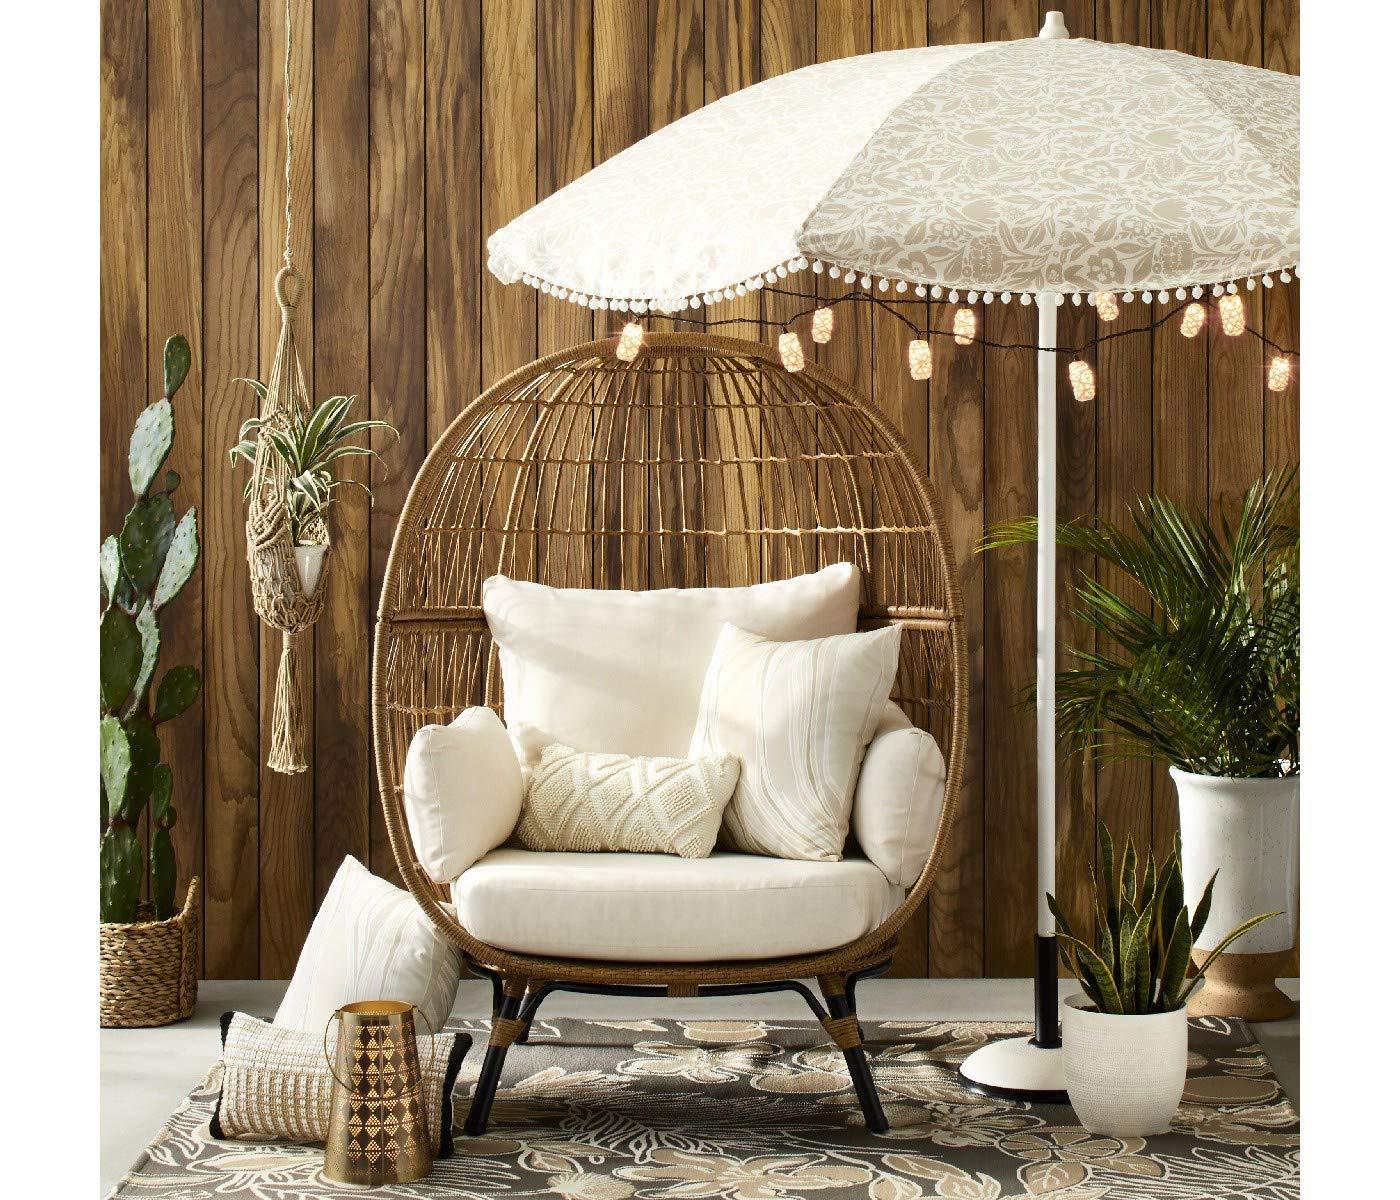 Sensational Amazon Com Opalhouse Southport Patio Egg Chair Linen Spiritservingveterans Wood Chair Design Ideas Spiritservingveteransorg